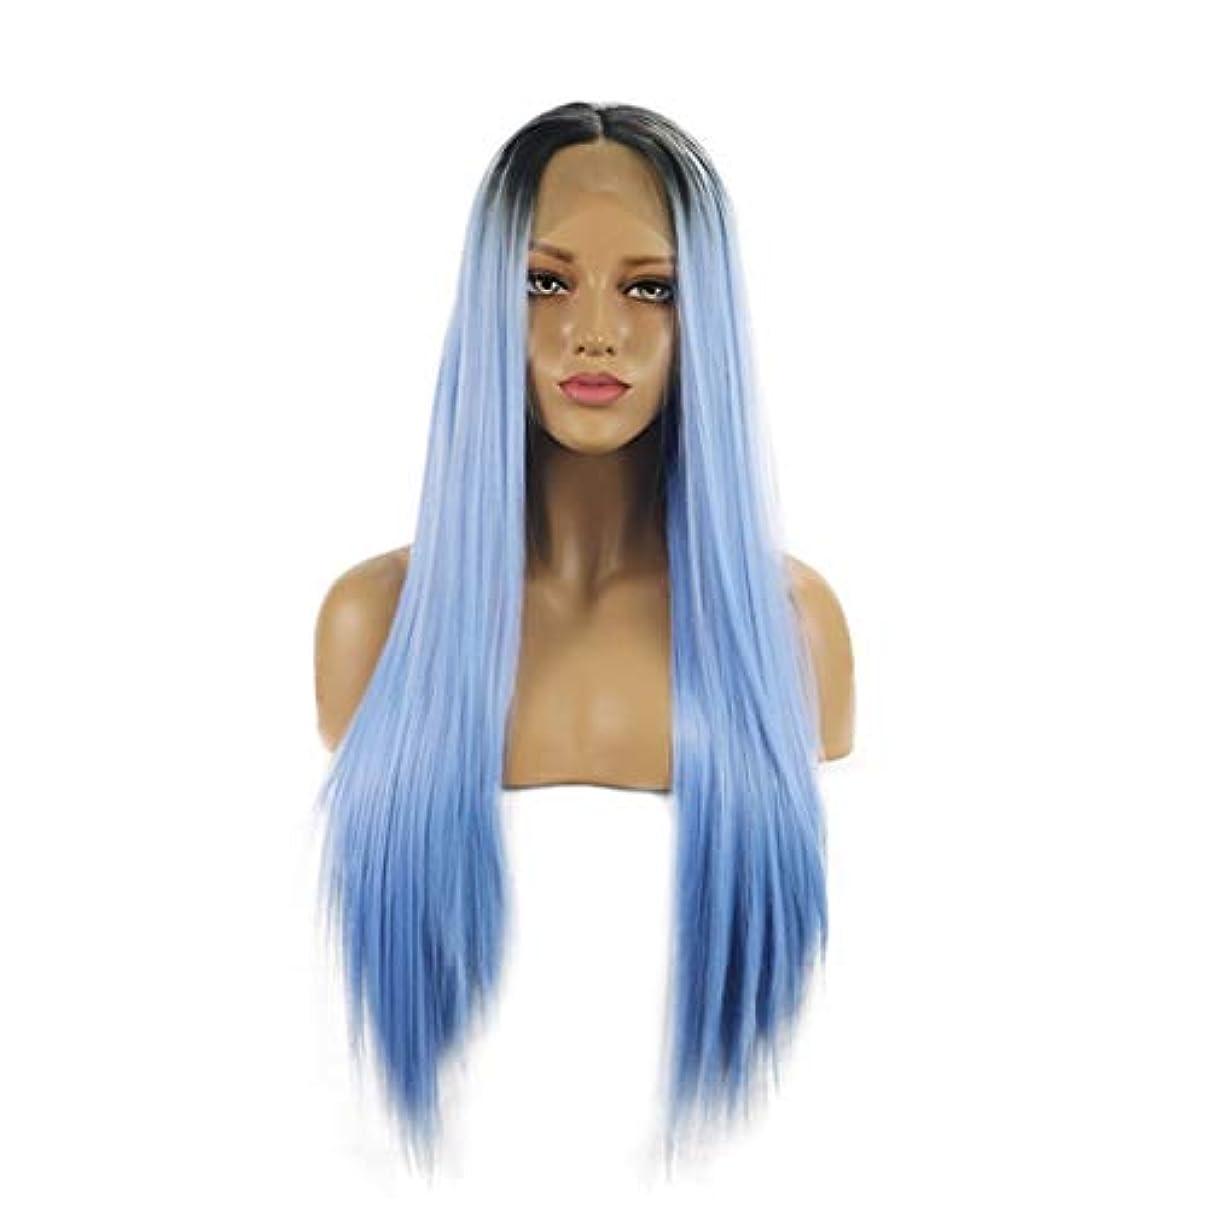 普通にコア単独でKoloeplf 耐熱性の自然な女性のための長いまっすぐな総合的な毛のレースの前部かつら (Size : 26inch)